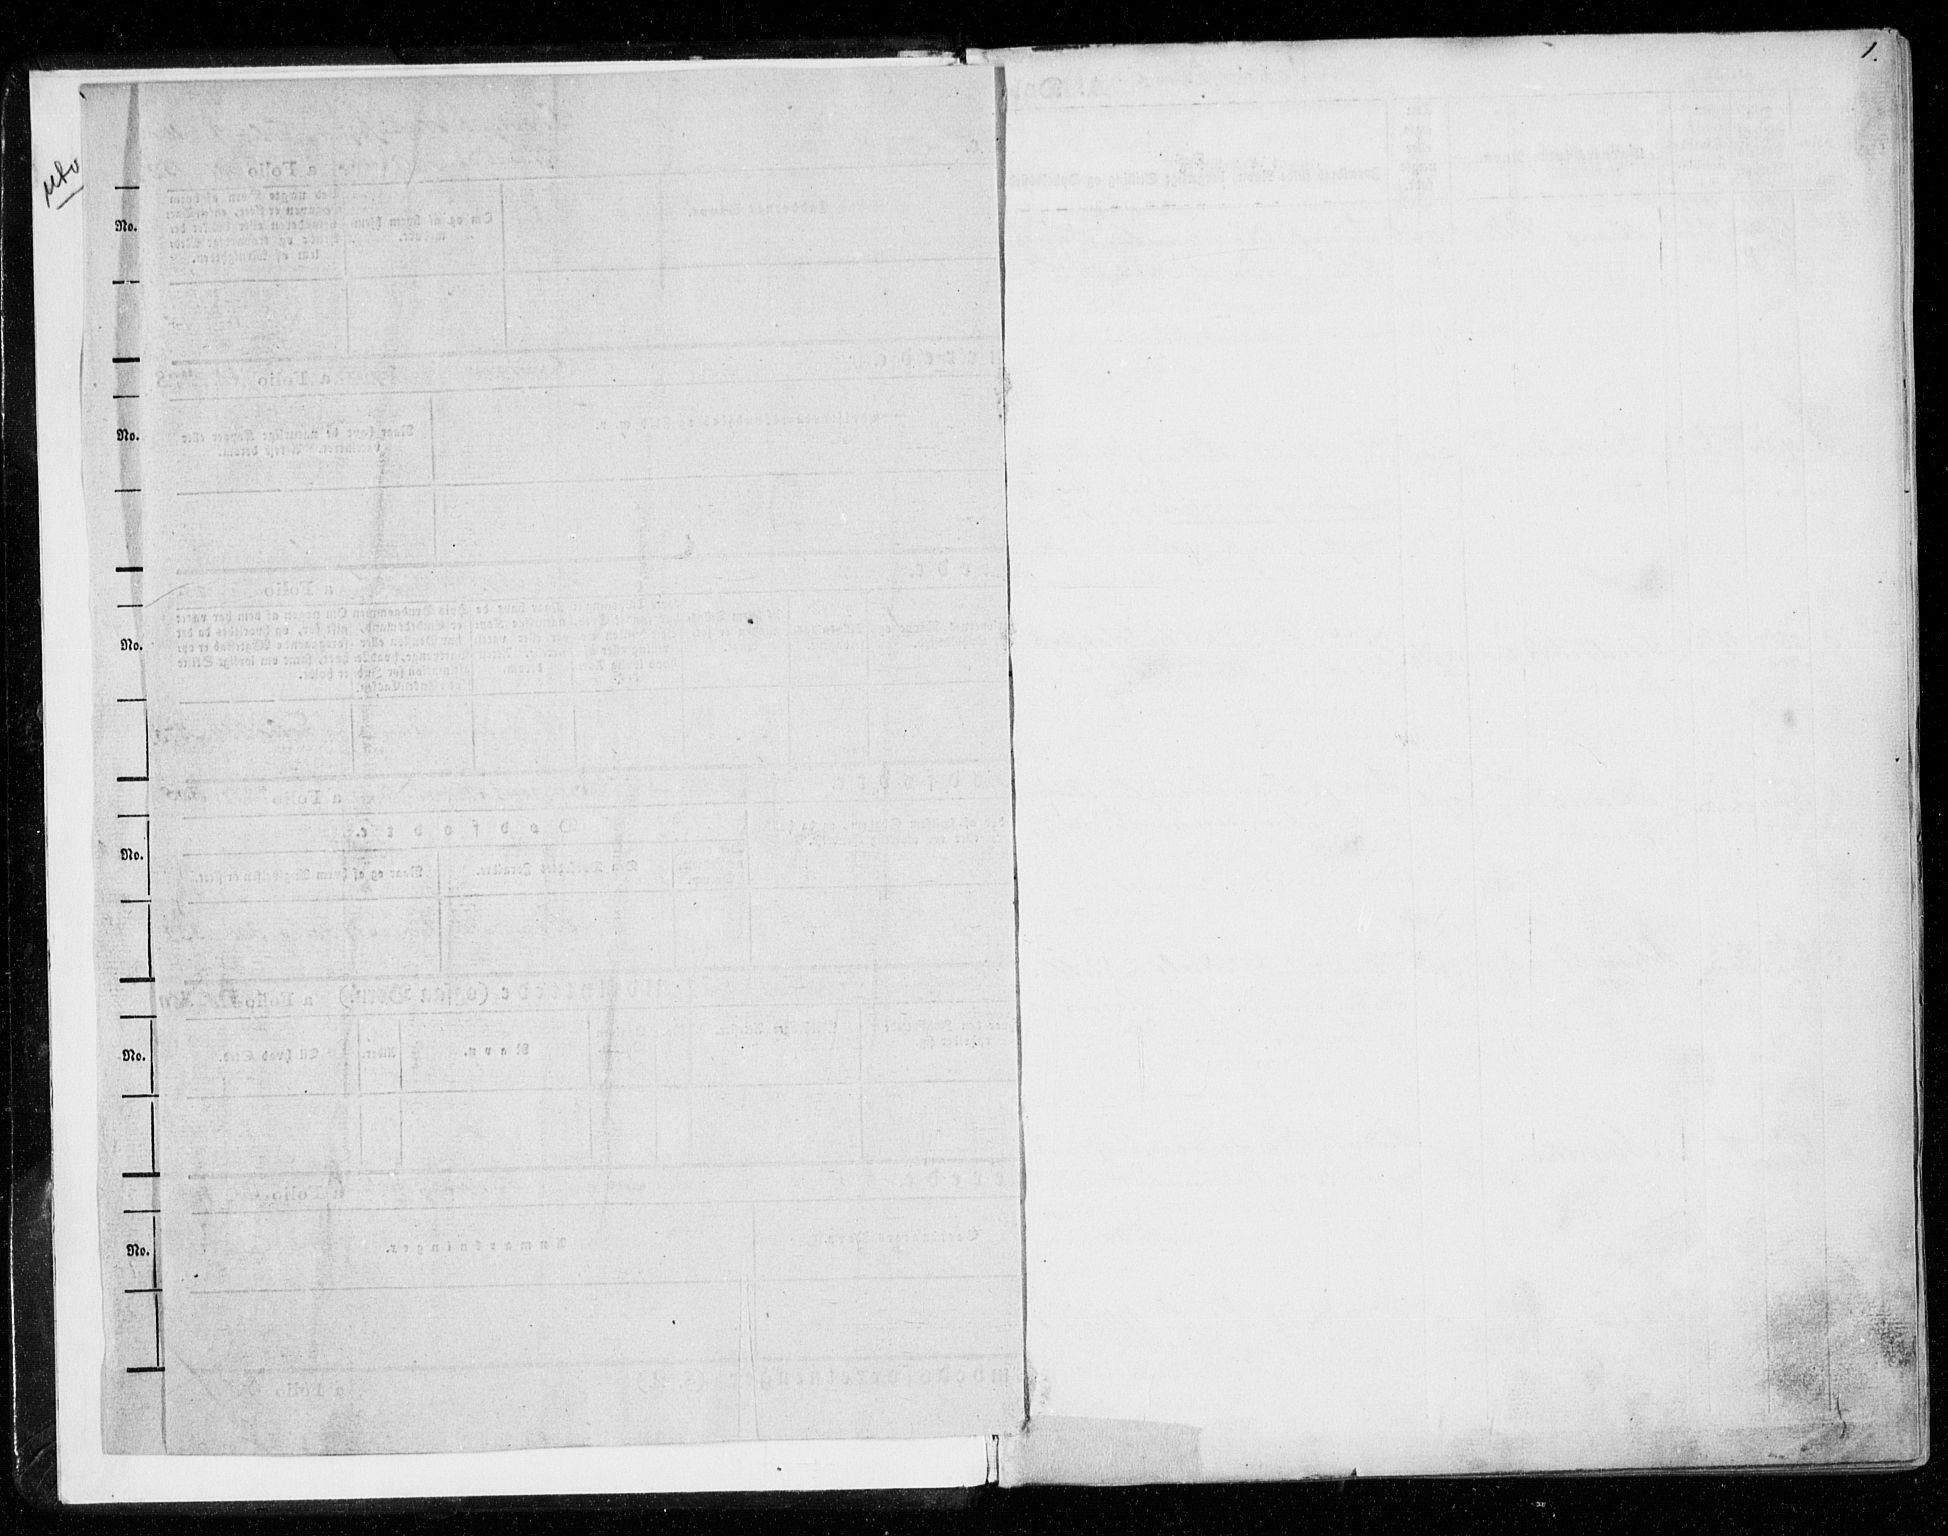 SAT, Ministerialprotokoller, klokkerbøker og fødselsregistre - Nord-Trøndelag, 701/L0007: Ministerialbok nr. 701A07 /1, 1842-1854, s. 1